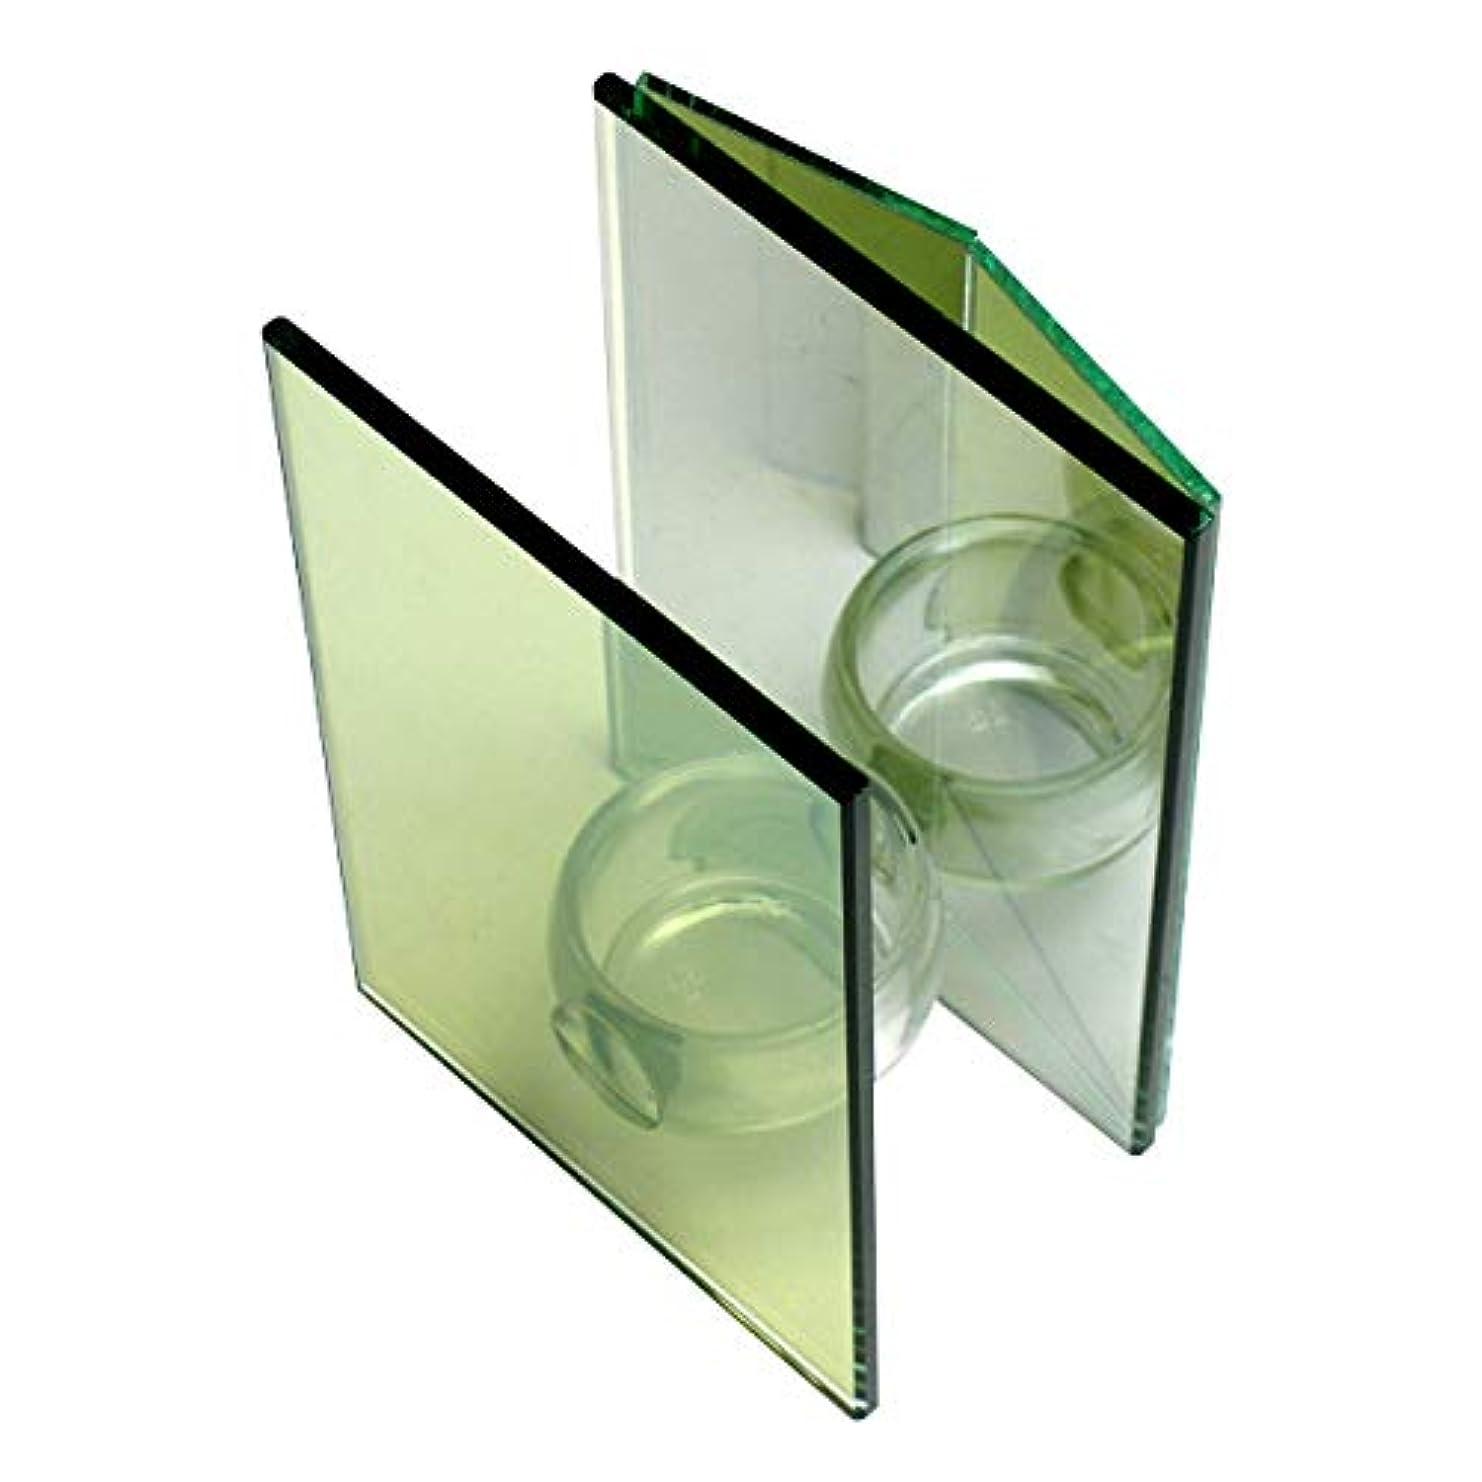 承知しました合併症最初無限連鎖キャンドルホルダー ダブルミラー ガラス キャンドルスタンド ランタン 誕生日 ティーライトキャンドル